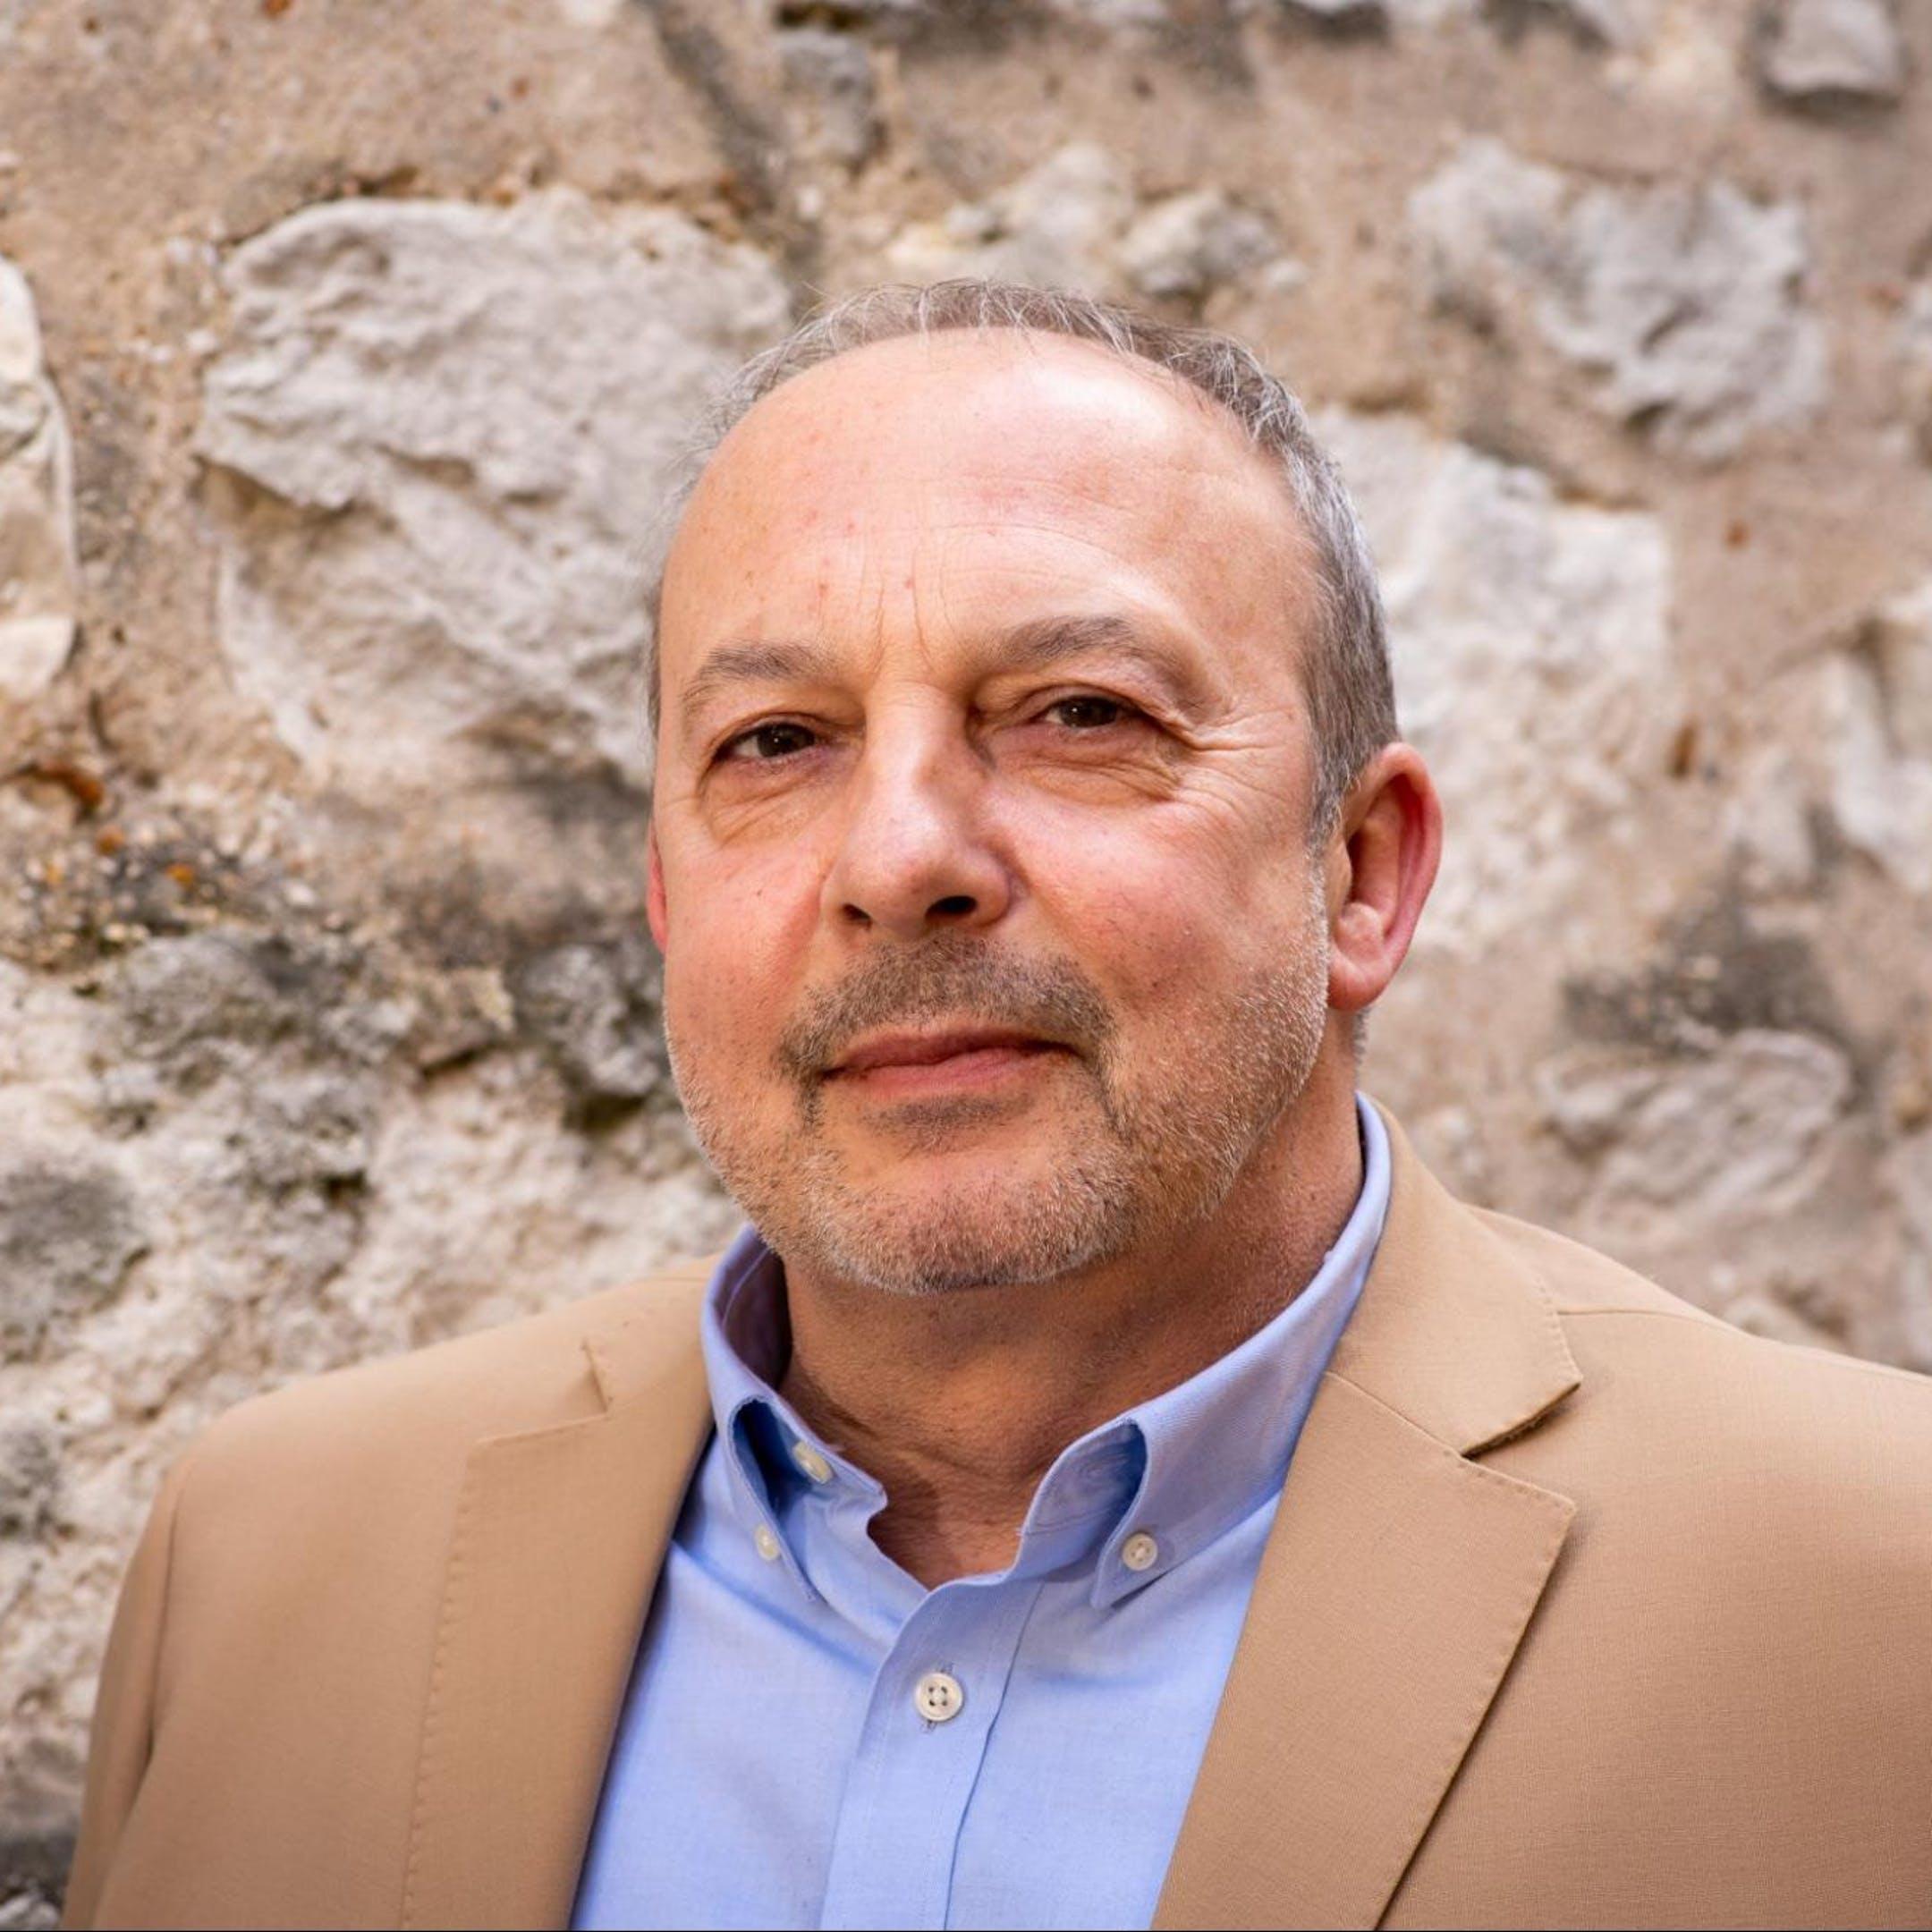 Les mentors : Comment ouvrir son agence immobilière avec Hervé Chazal